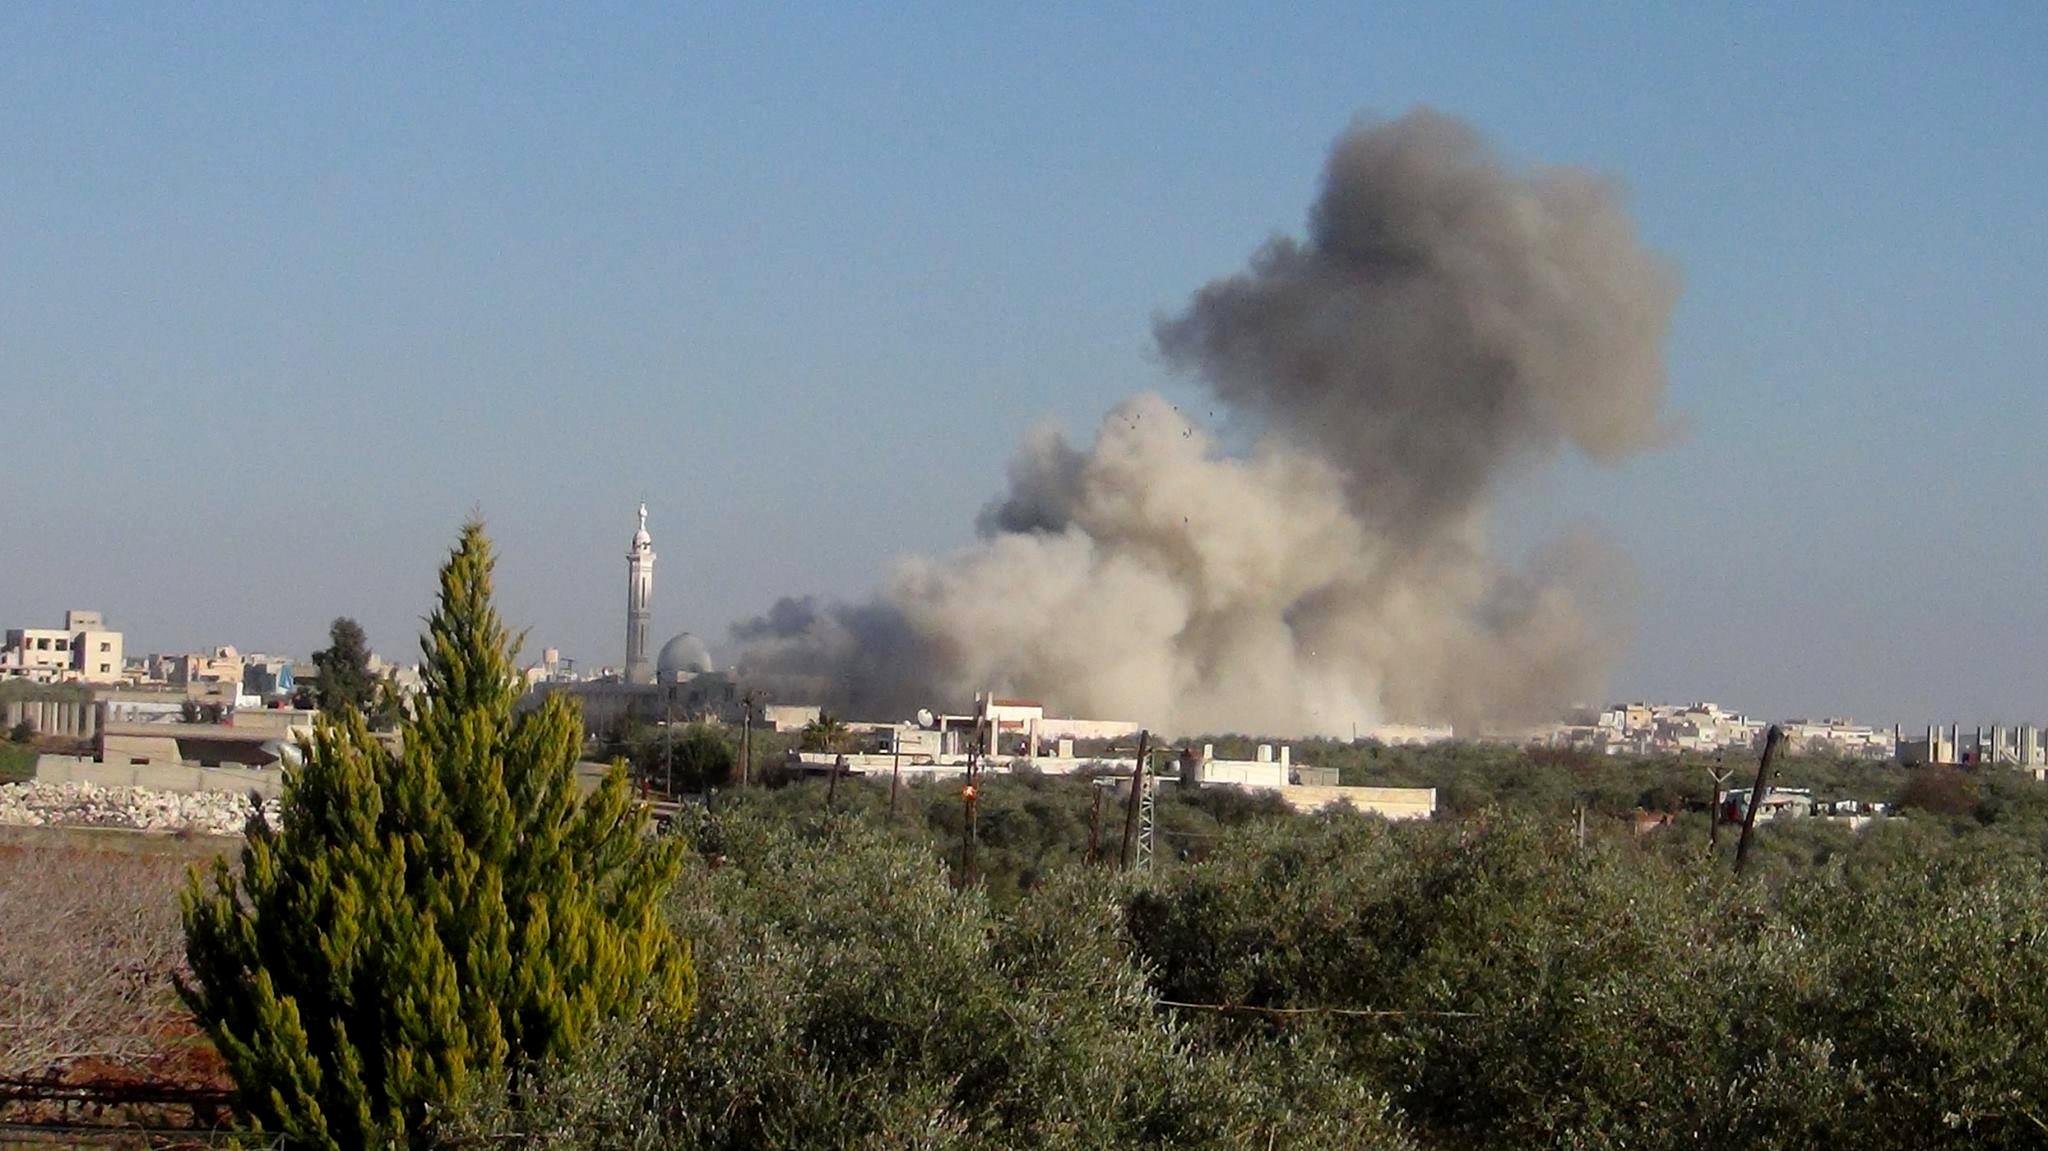 """قوات النظام تواصل قصفها لبلدات وقرى في ريفي حماة وإدلب ضمن منطقة """"خفض التصعيد"""""""